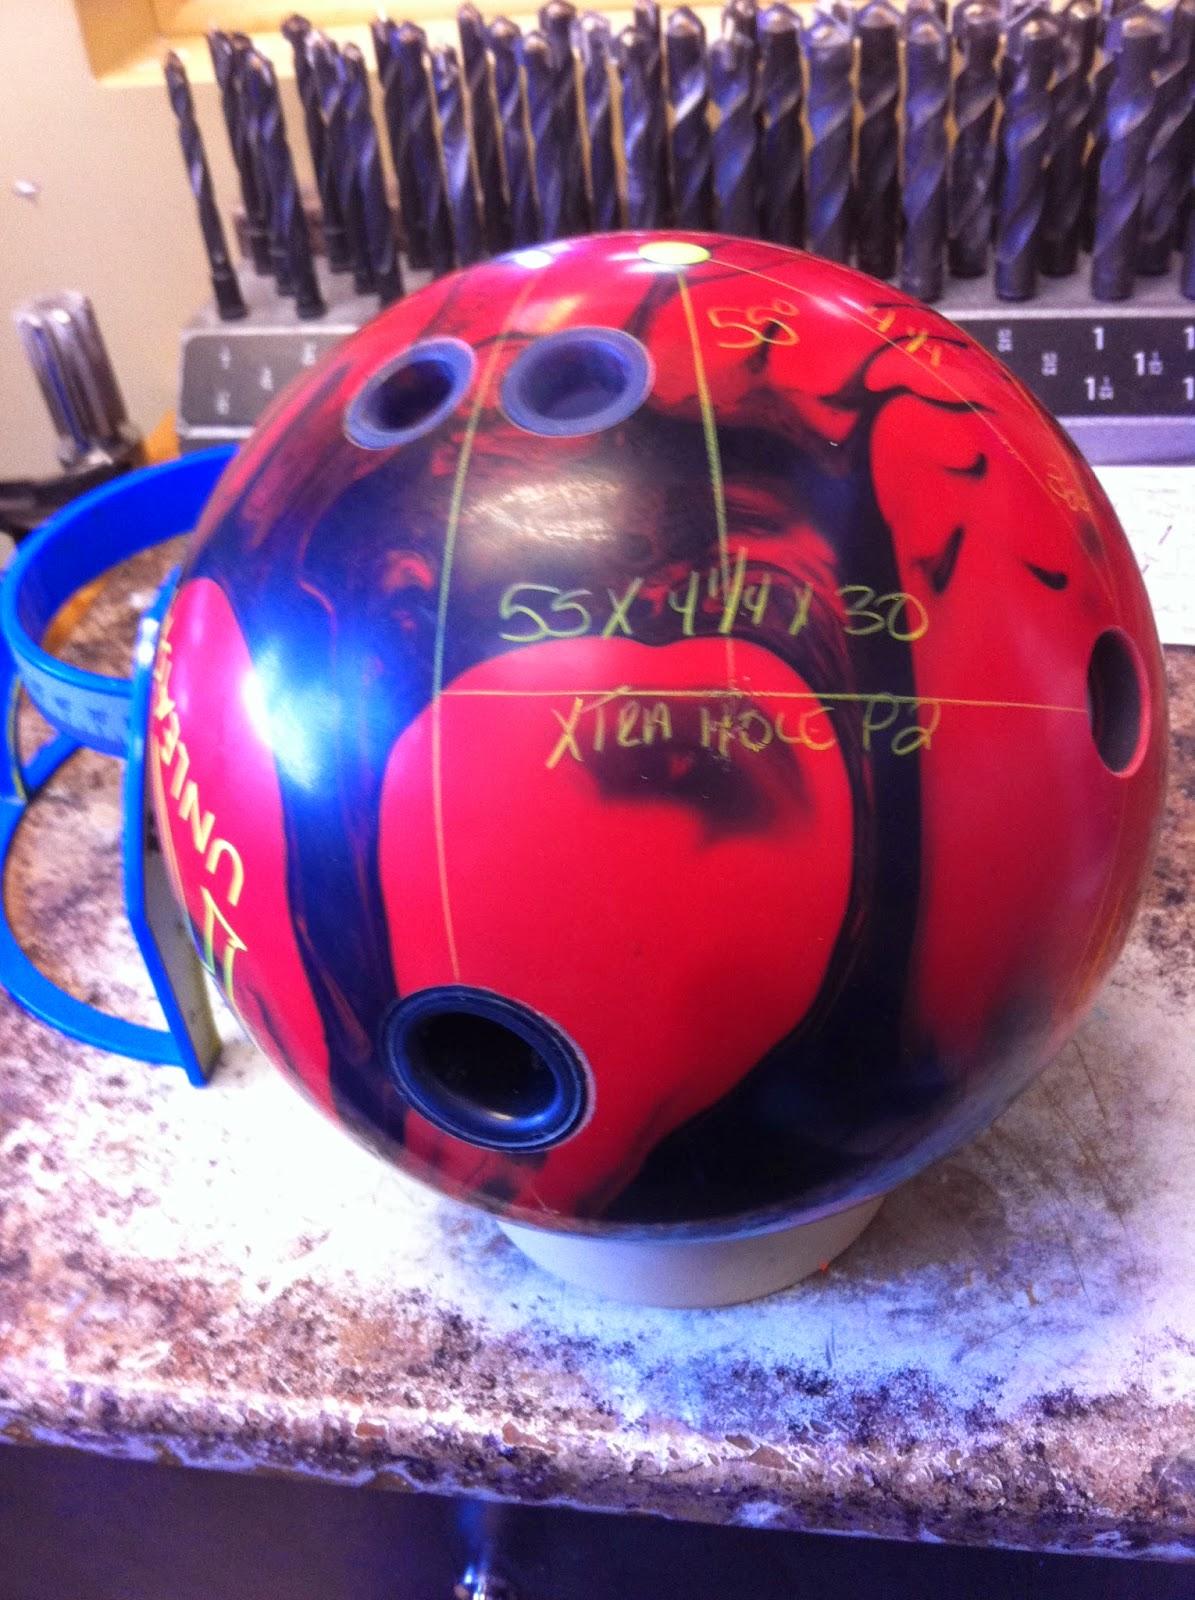 Le bowling de bastian 33 2 equilibrage des noyaux de boules de bowling - Dimension piste bowling ...